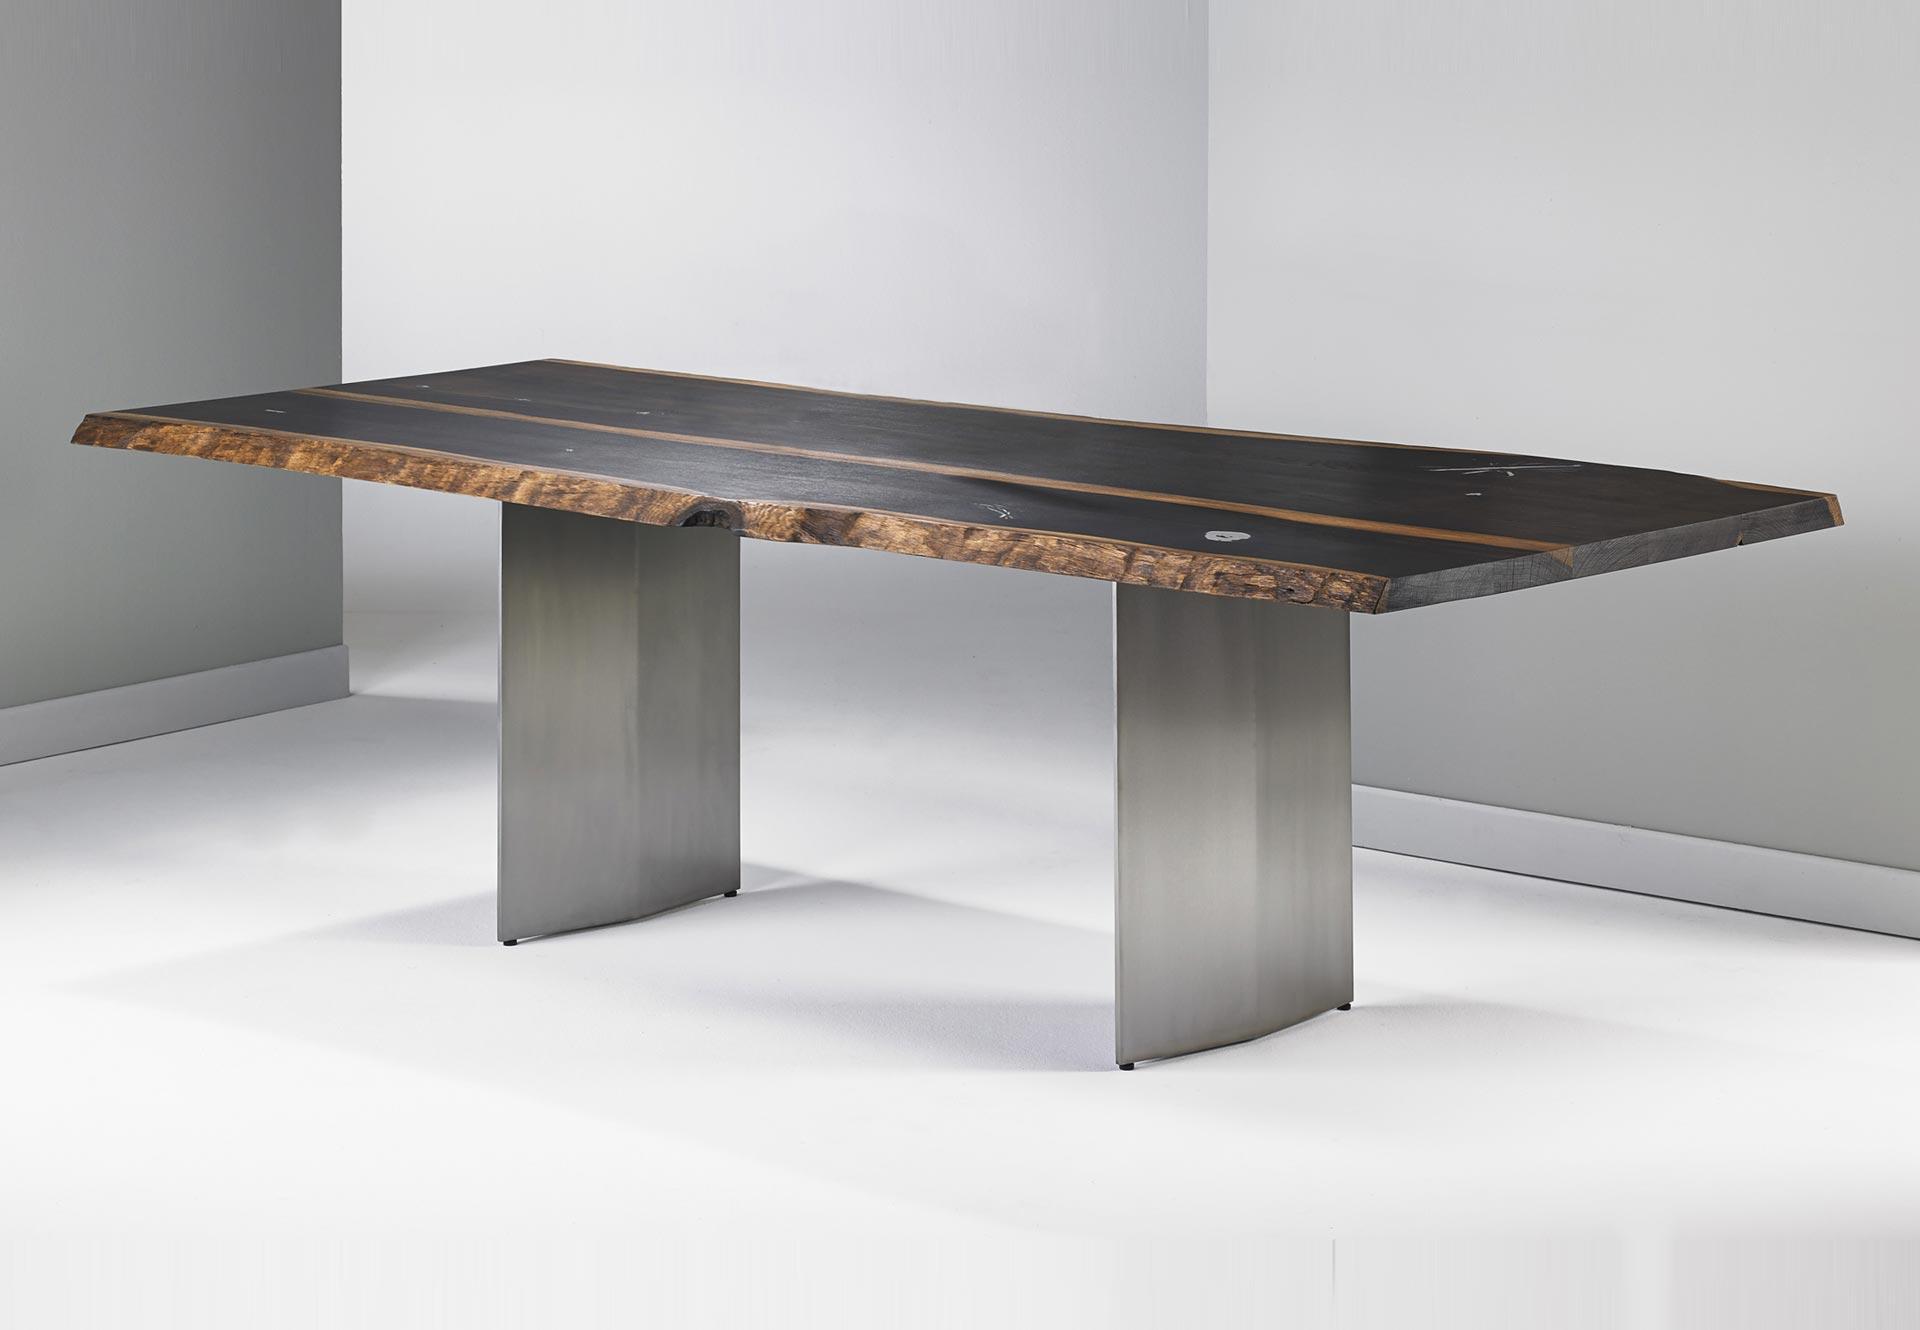 esstisch exklusiv tisch lounge tisch esstisch aus sehr. Black Bedroom Furniture Sets. Home Design Ideas